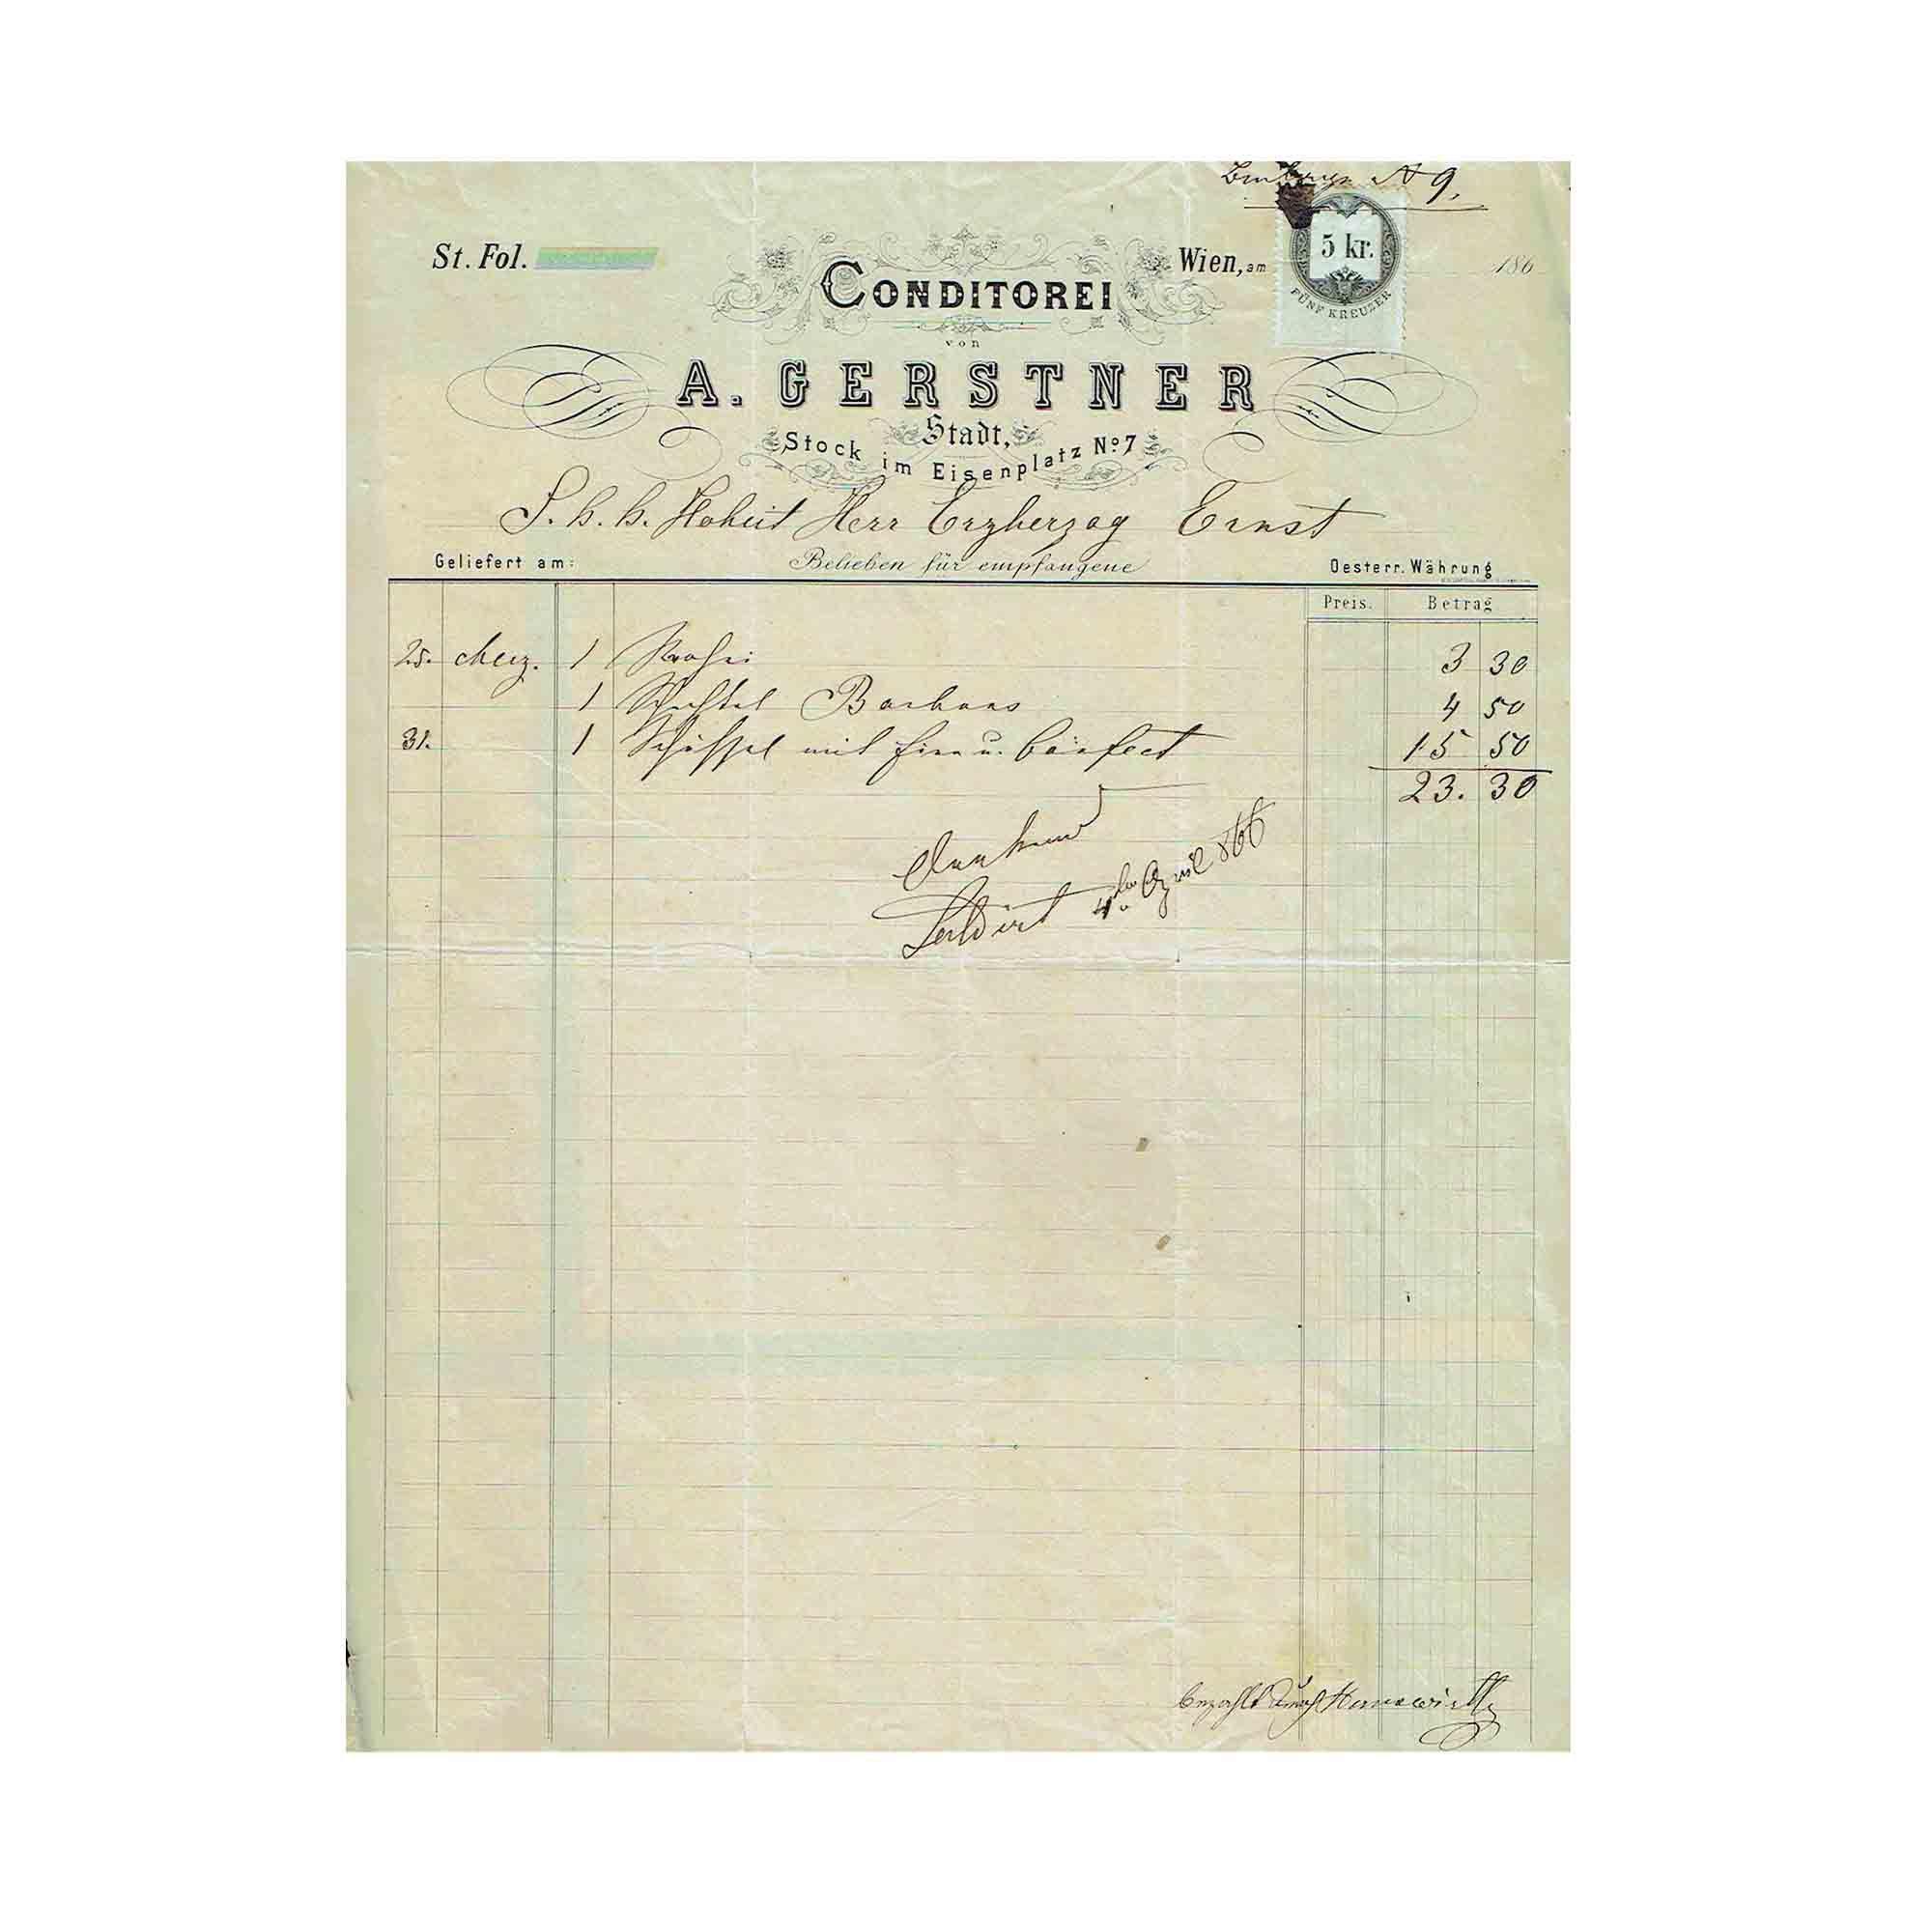 5434 Gerstner Erzherzog Ernst Rechnung 1866 N